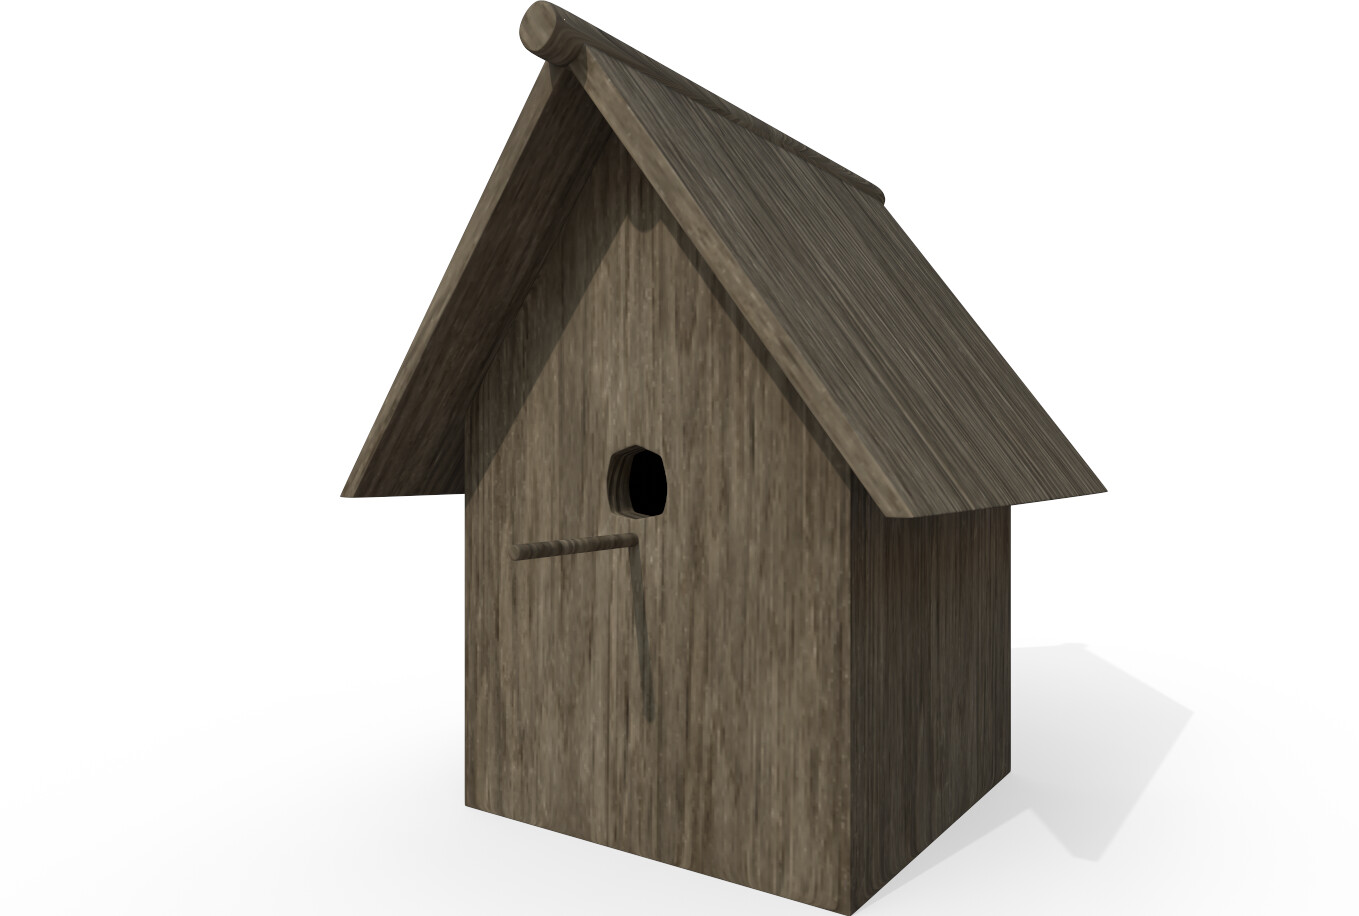 Joseph moniz birdhouse001b